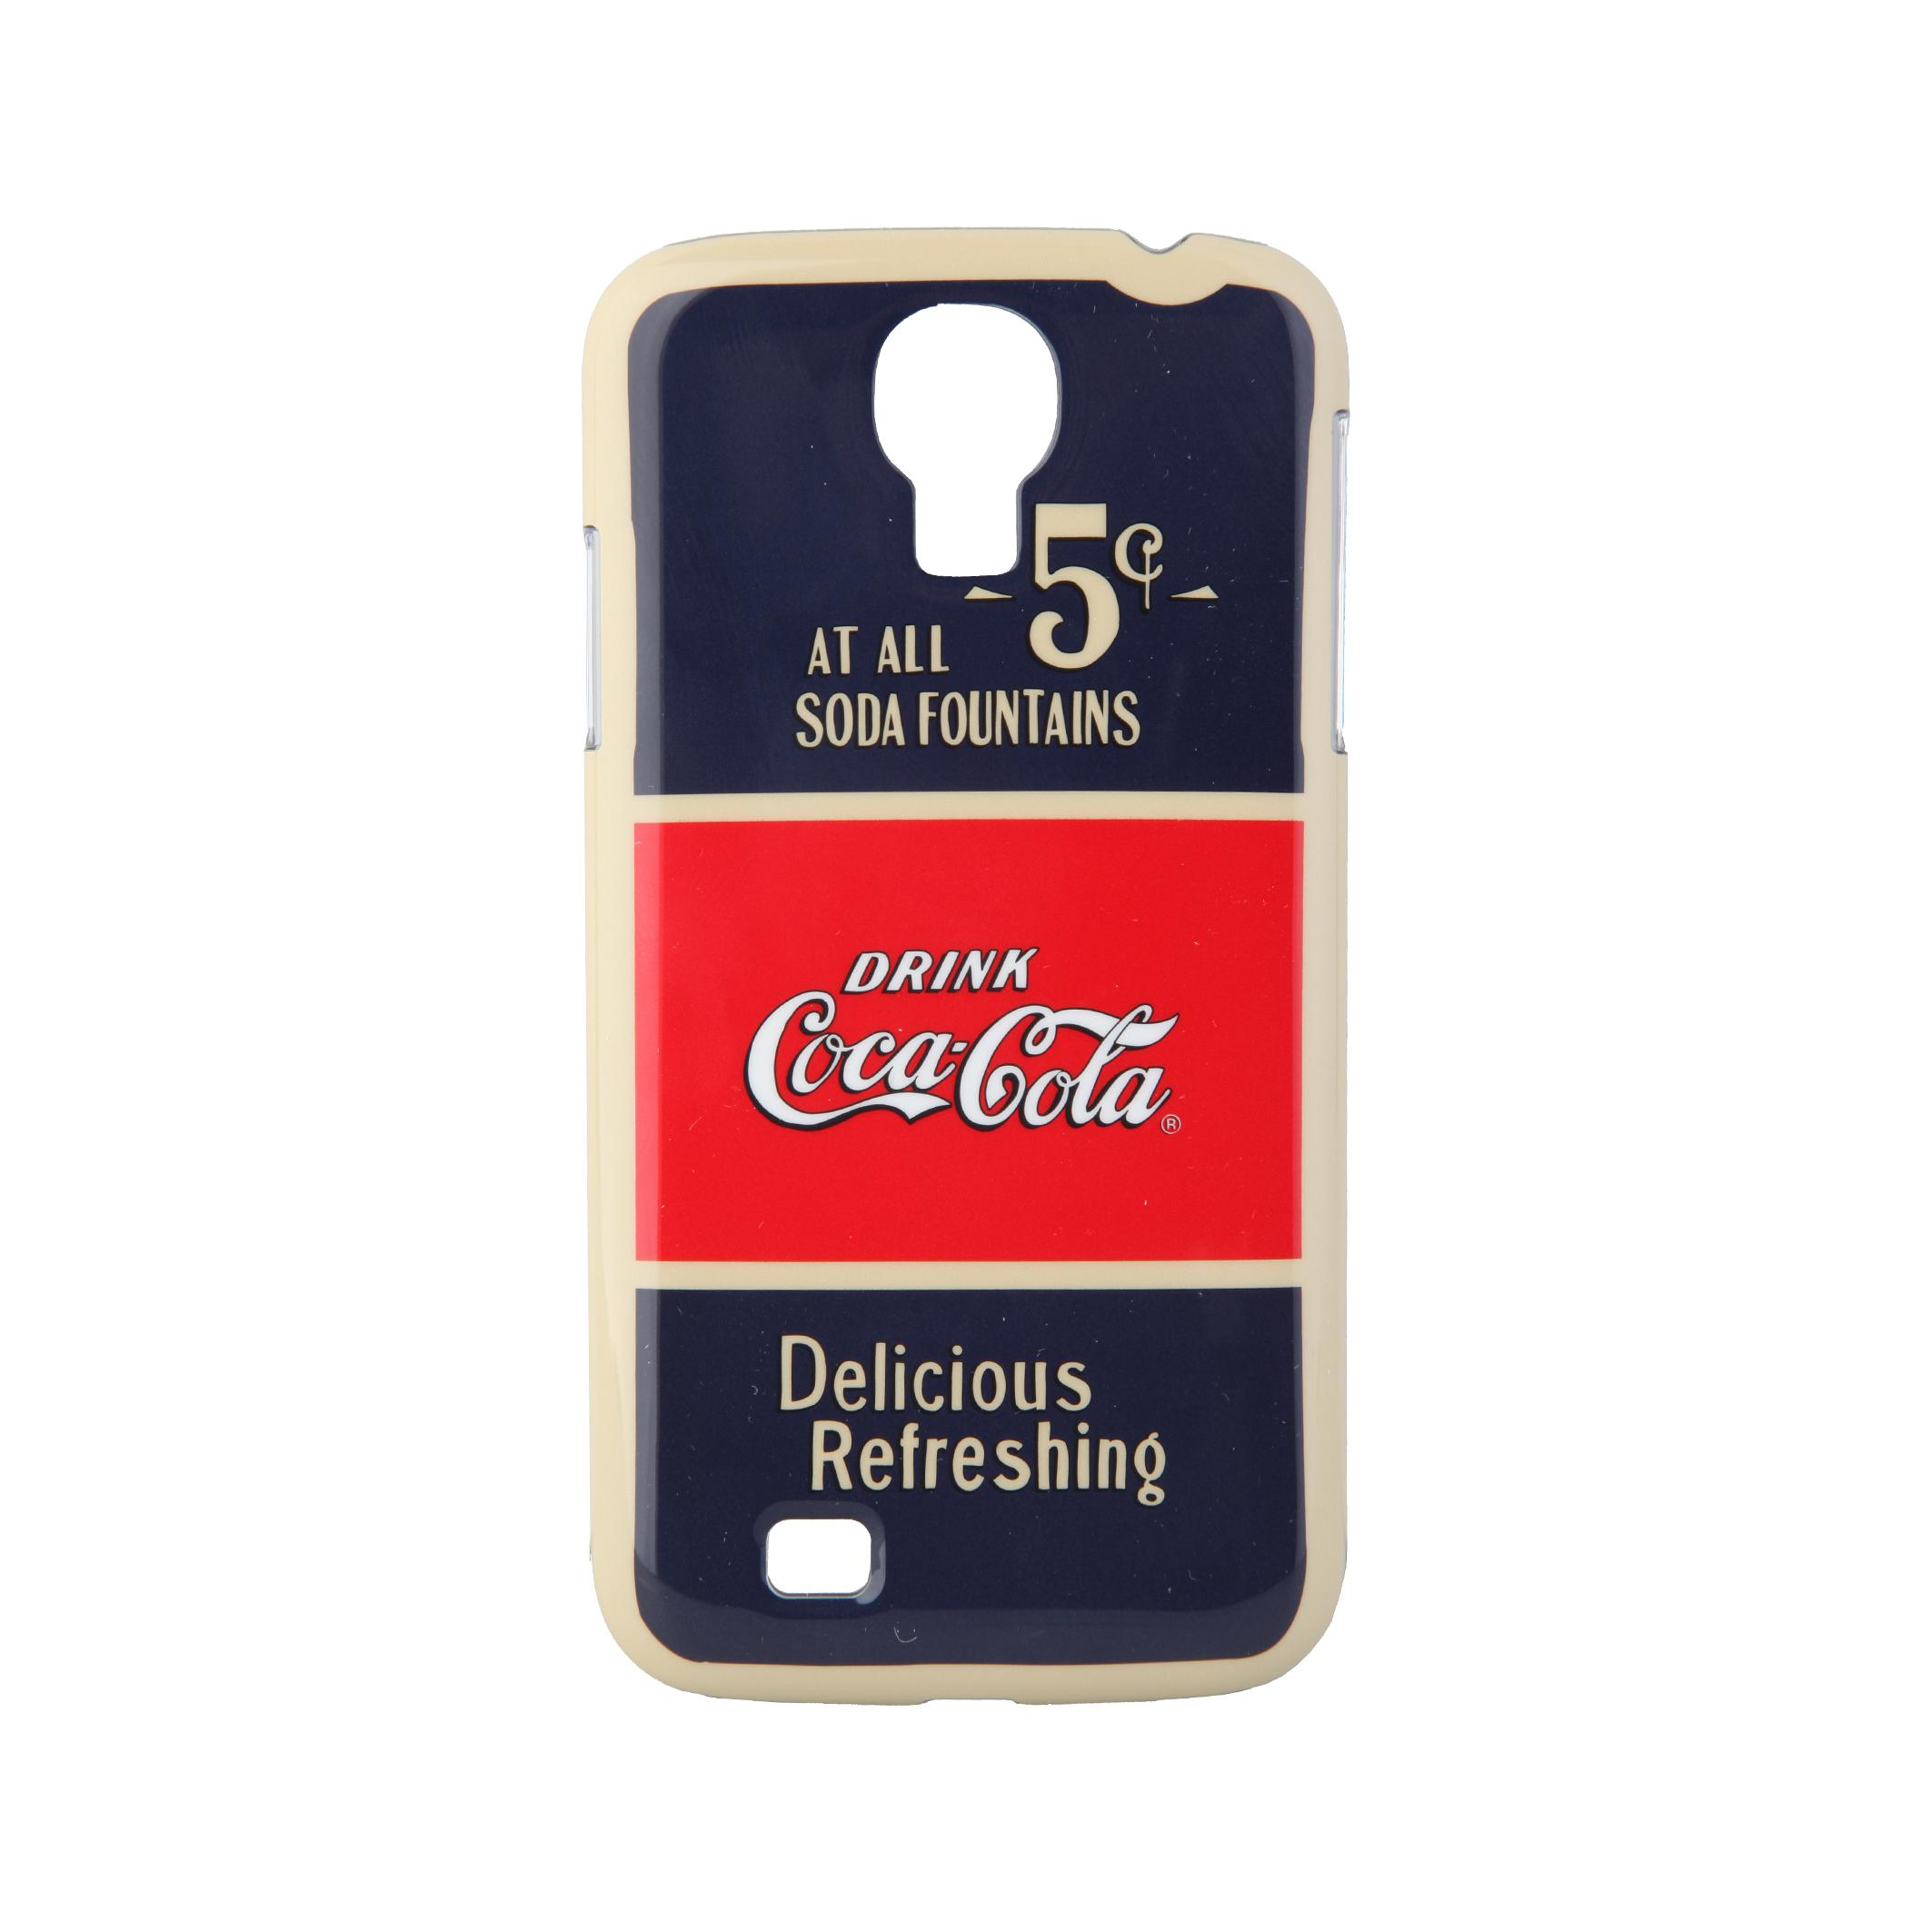 CCHSLGLXYS4S1302-Coca-Cola-3